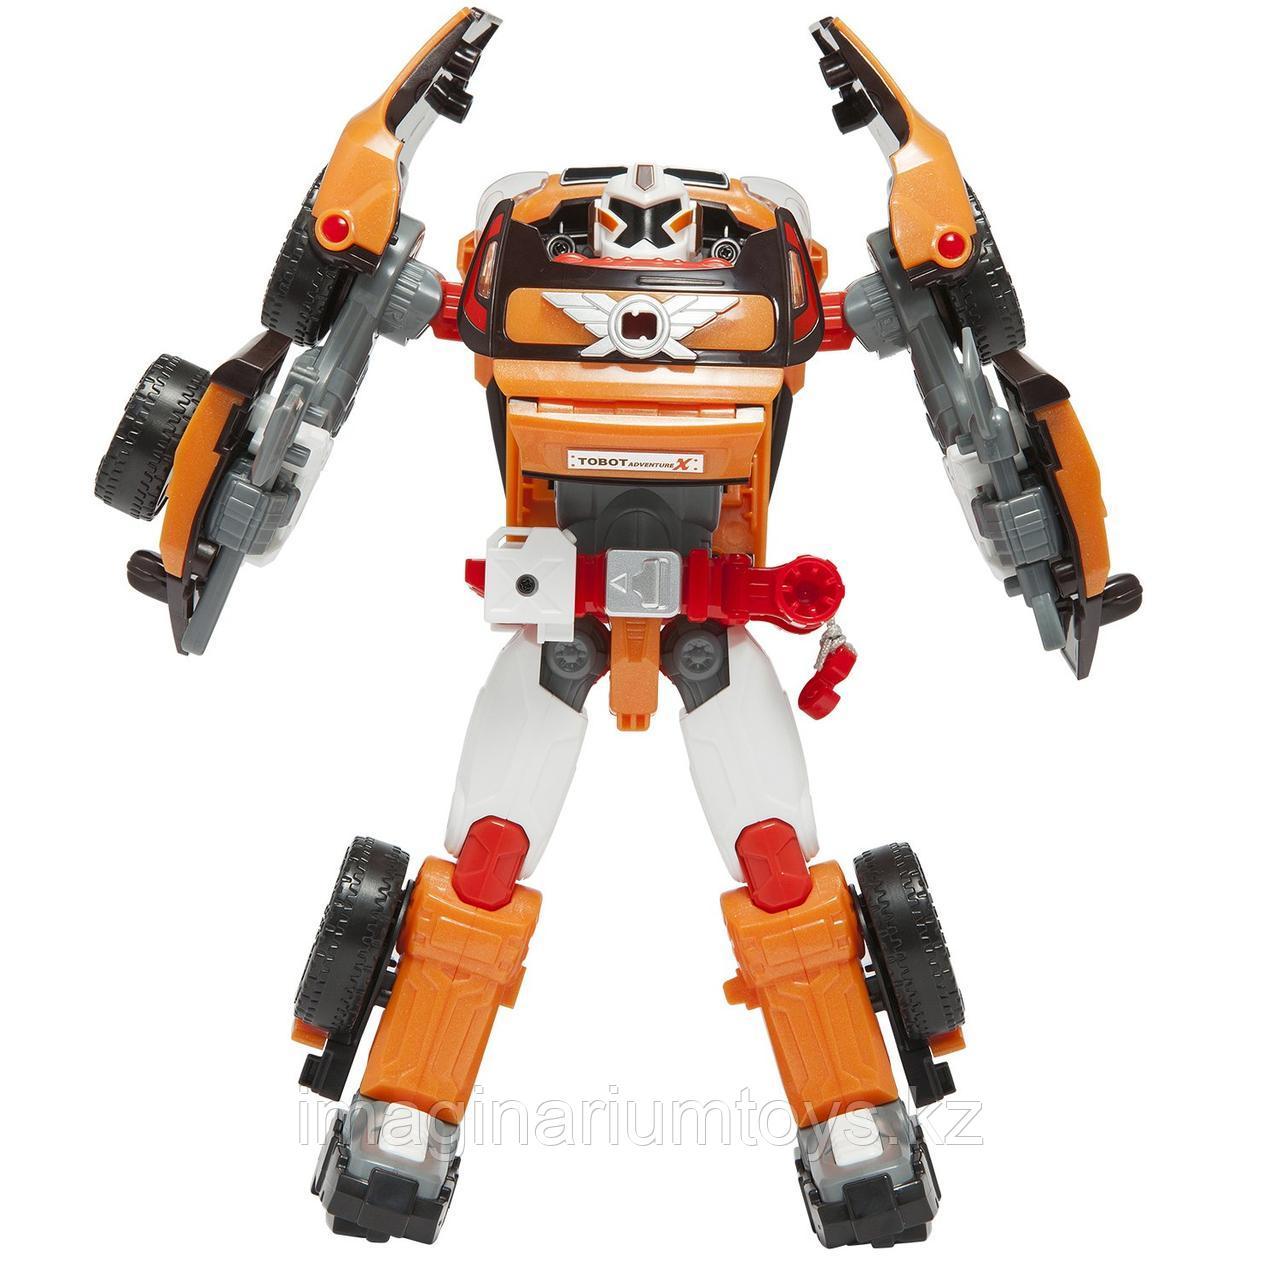 Тобот Приключения X робот трансформер большой